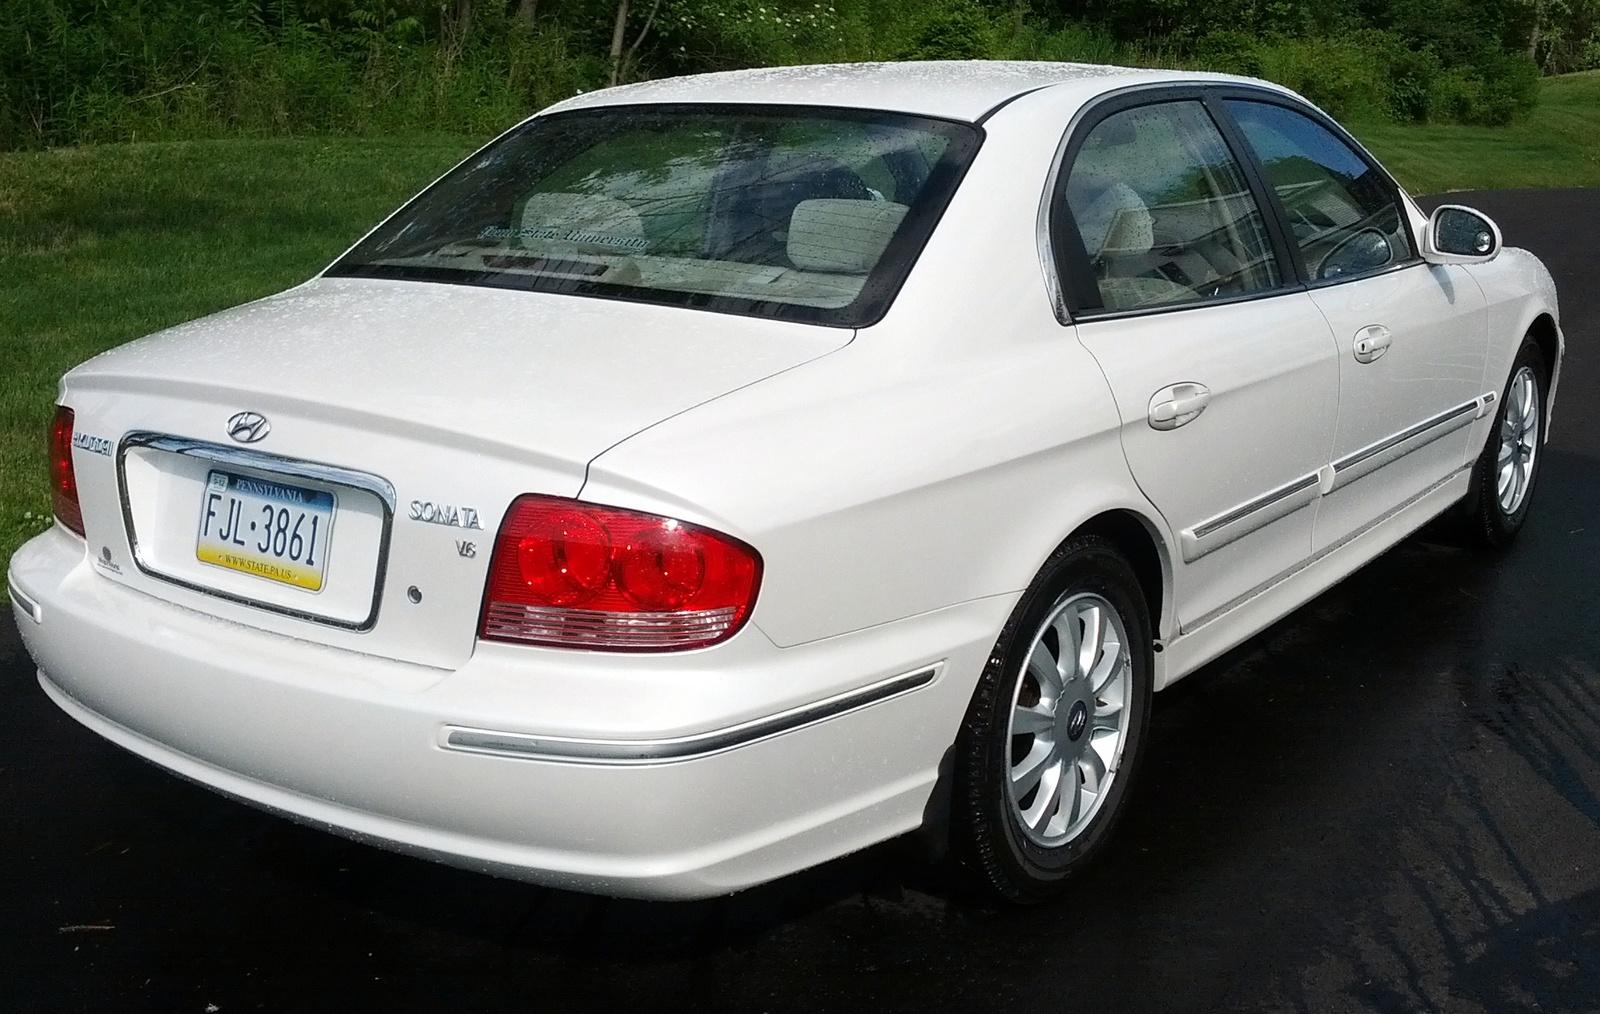 2003 Hyundai Sonata Pictures Cargurus